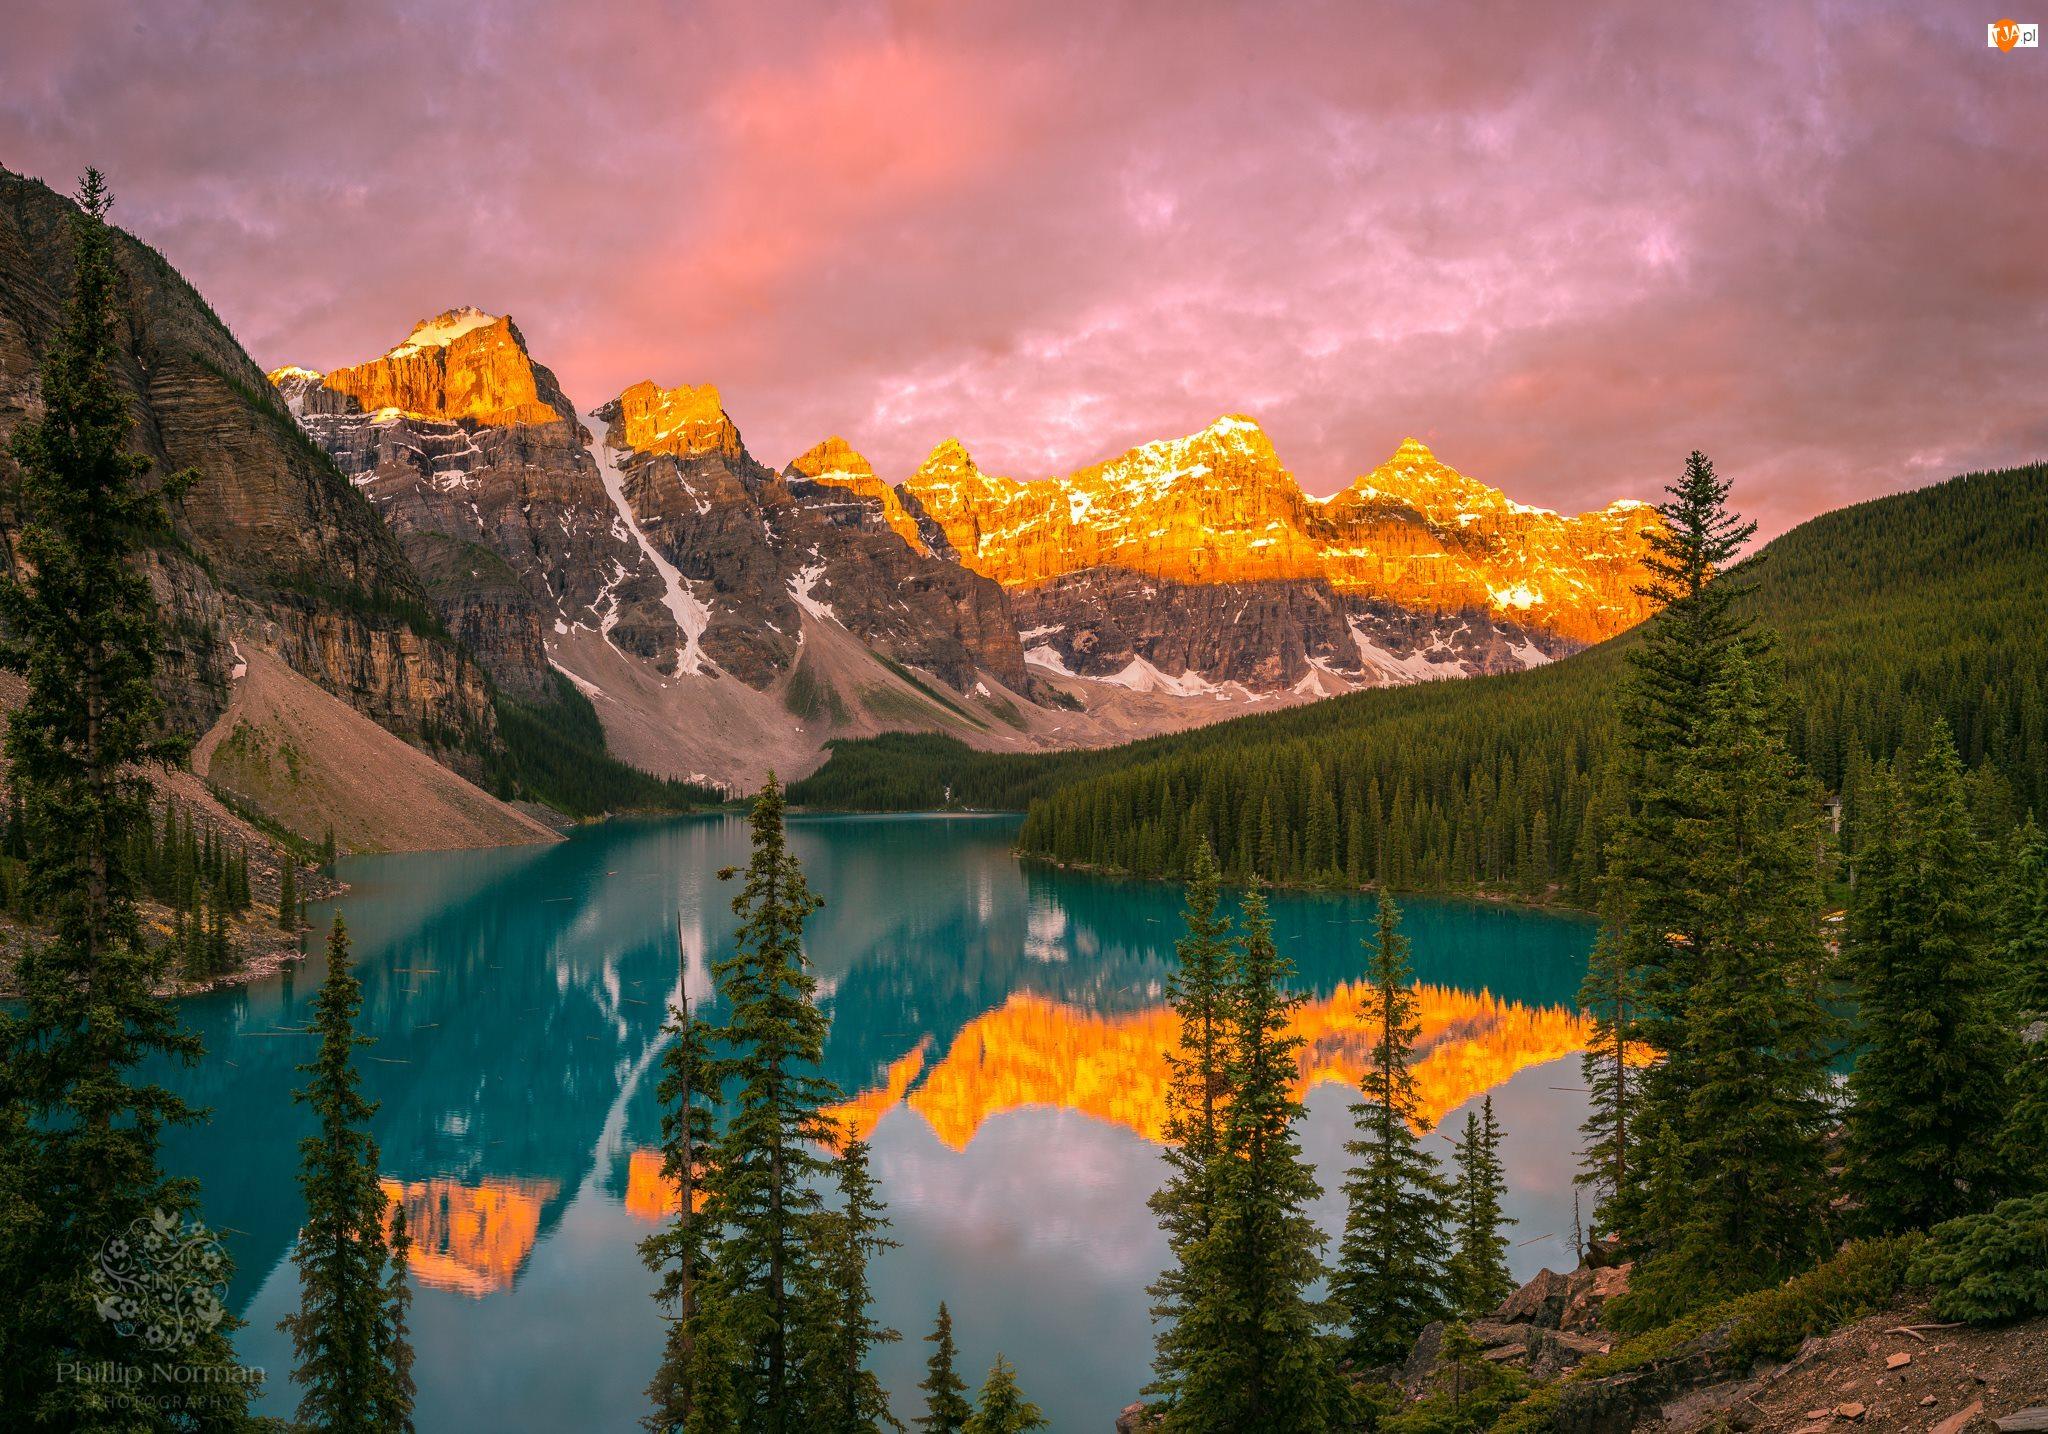 Jezioro Moraine, Lasy, Park Narodowy Banff, Chmury, Kanada, Odbicie, Góry, Drzewa